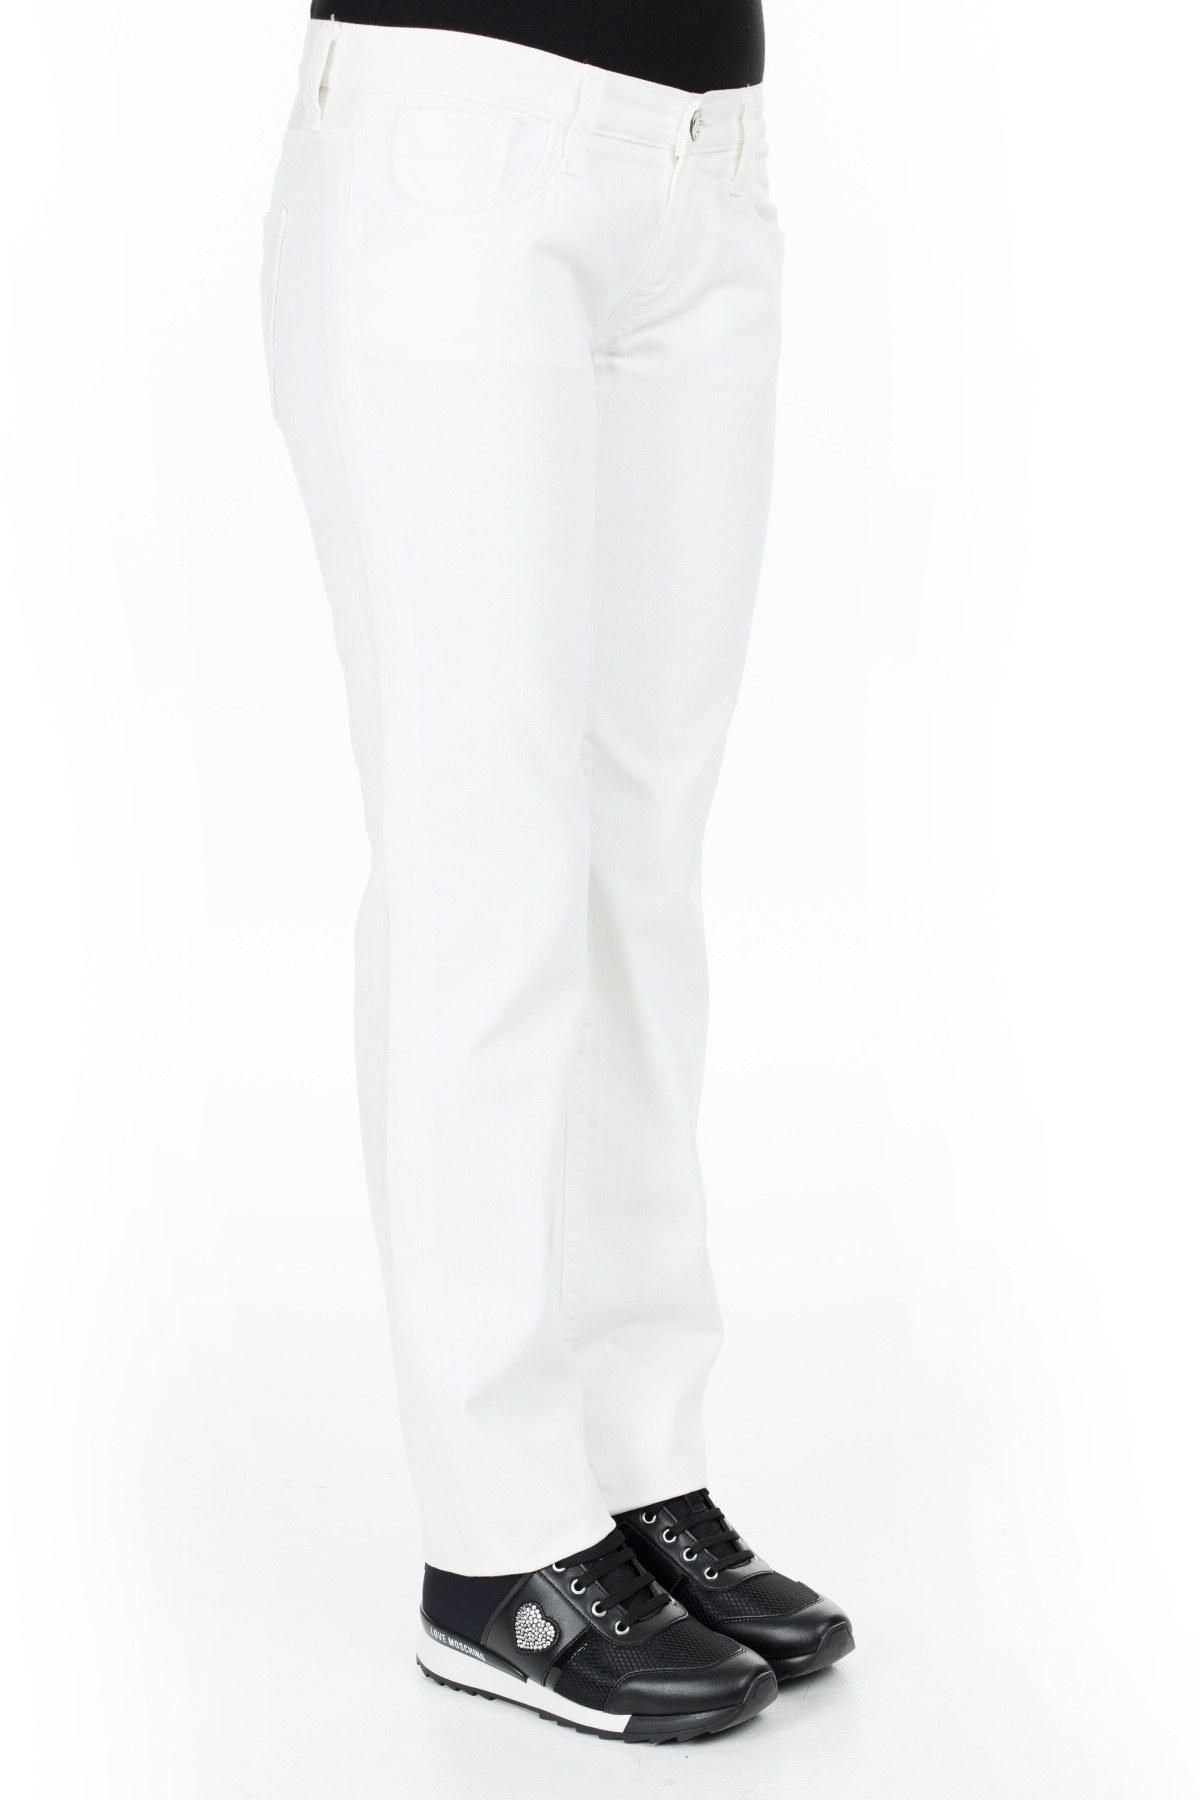 Replay Jeans Bayan Kot Pantolon ZOXWV552 BEYAZ